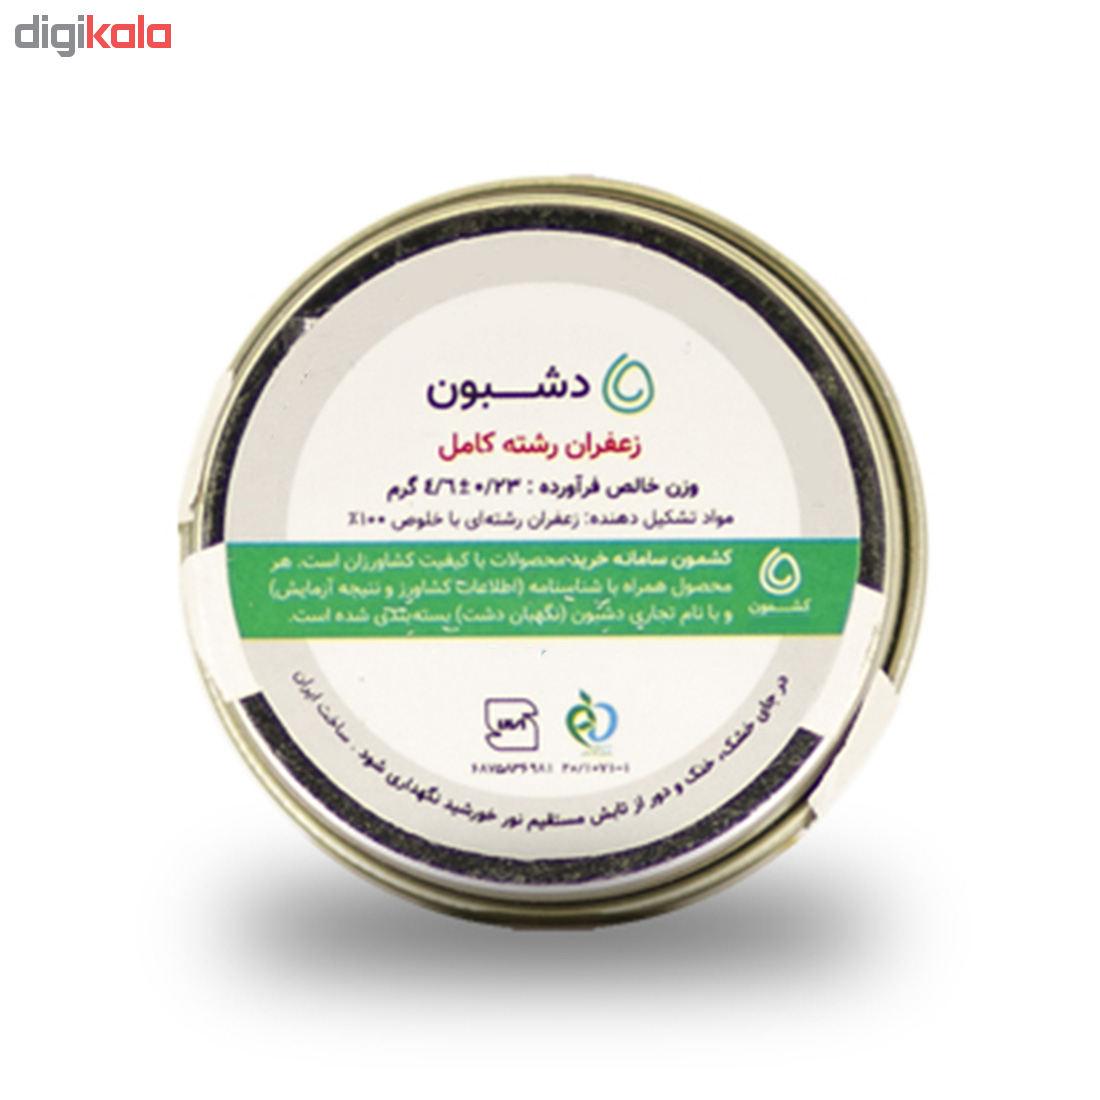 بررسی و خرید فوری زعفران رشته کامل کشمون ممّد علیپور- ۴.۶ گرم